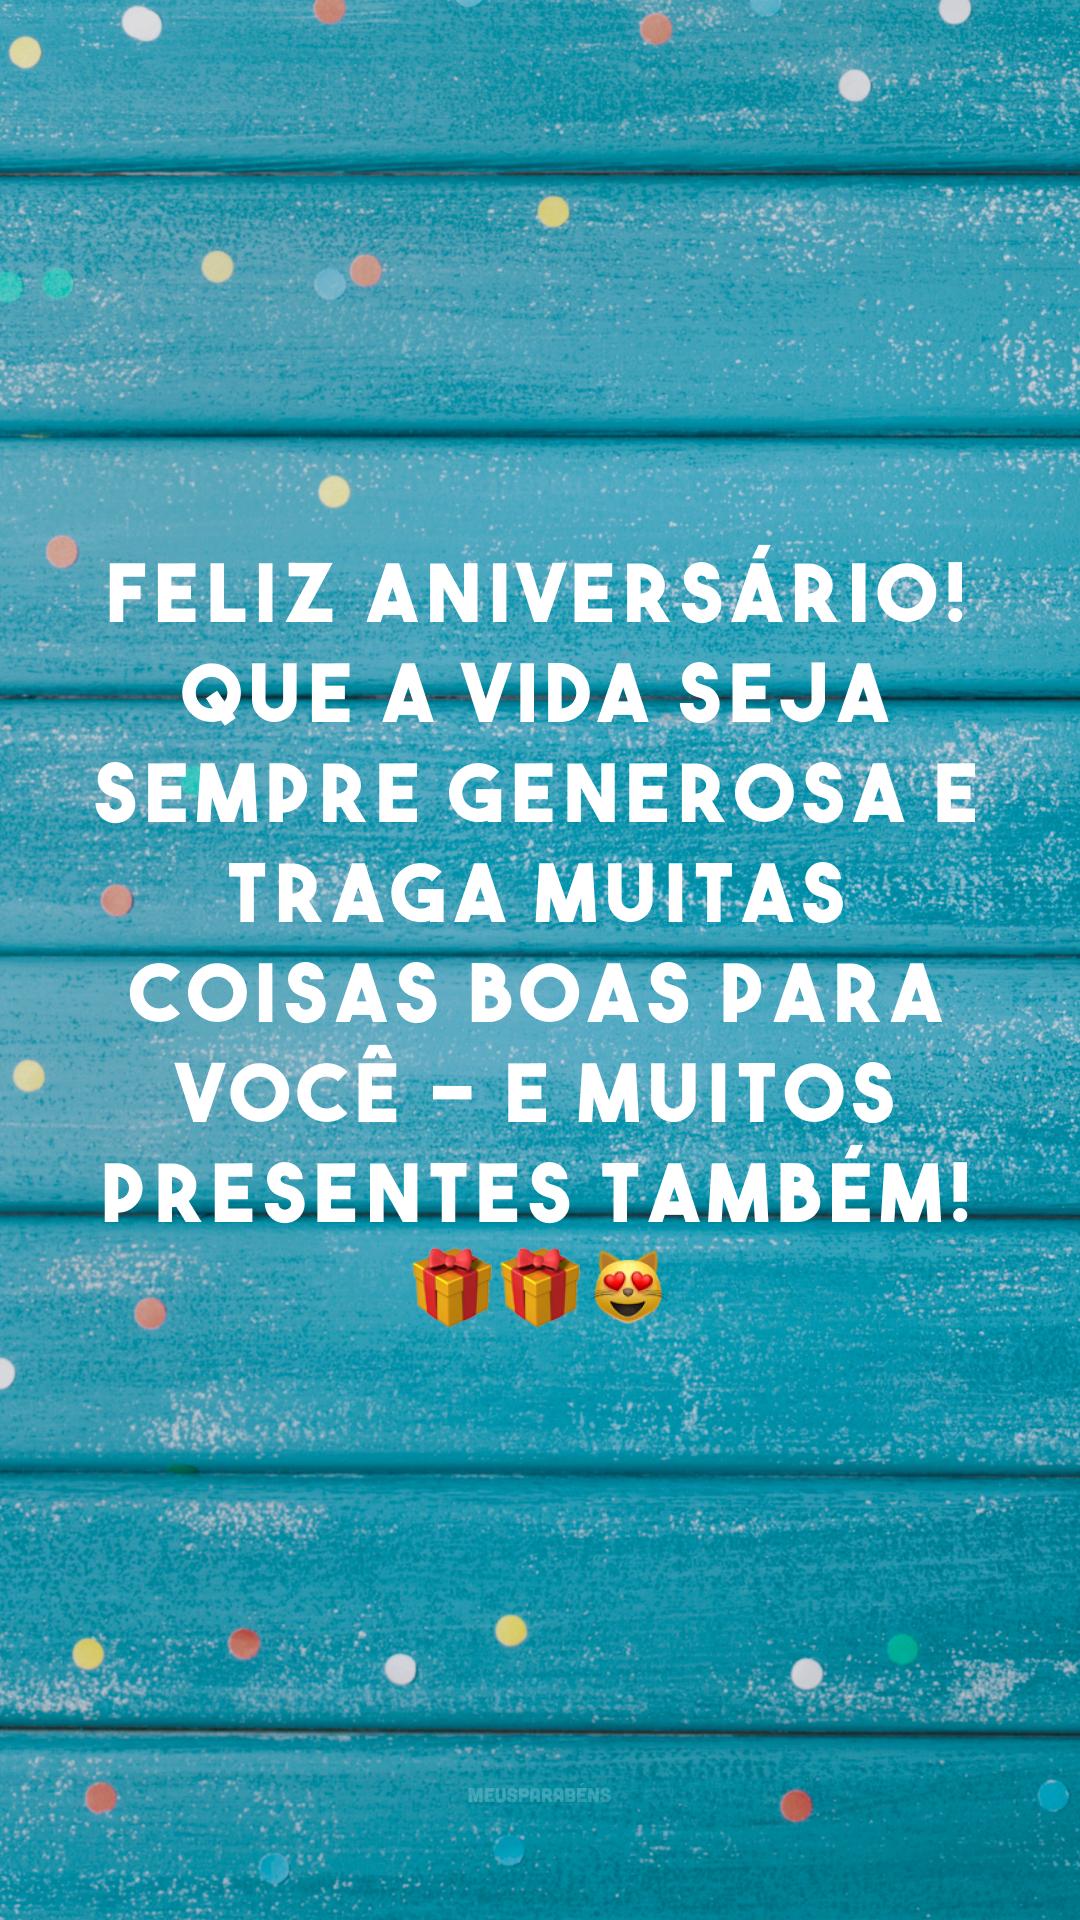 Feliz aniversário! Que a vida seja sempre generosa e traga muitas coisas boas para você - e muitos presentes também! 🎁🎁😻